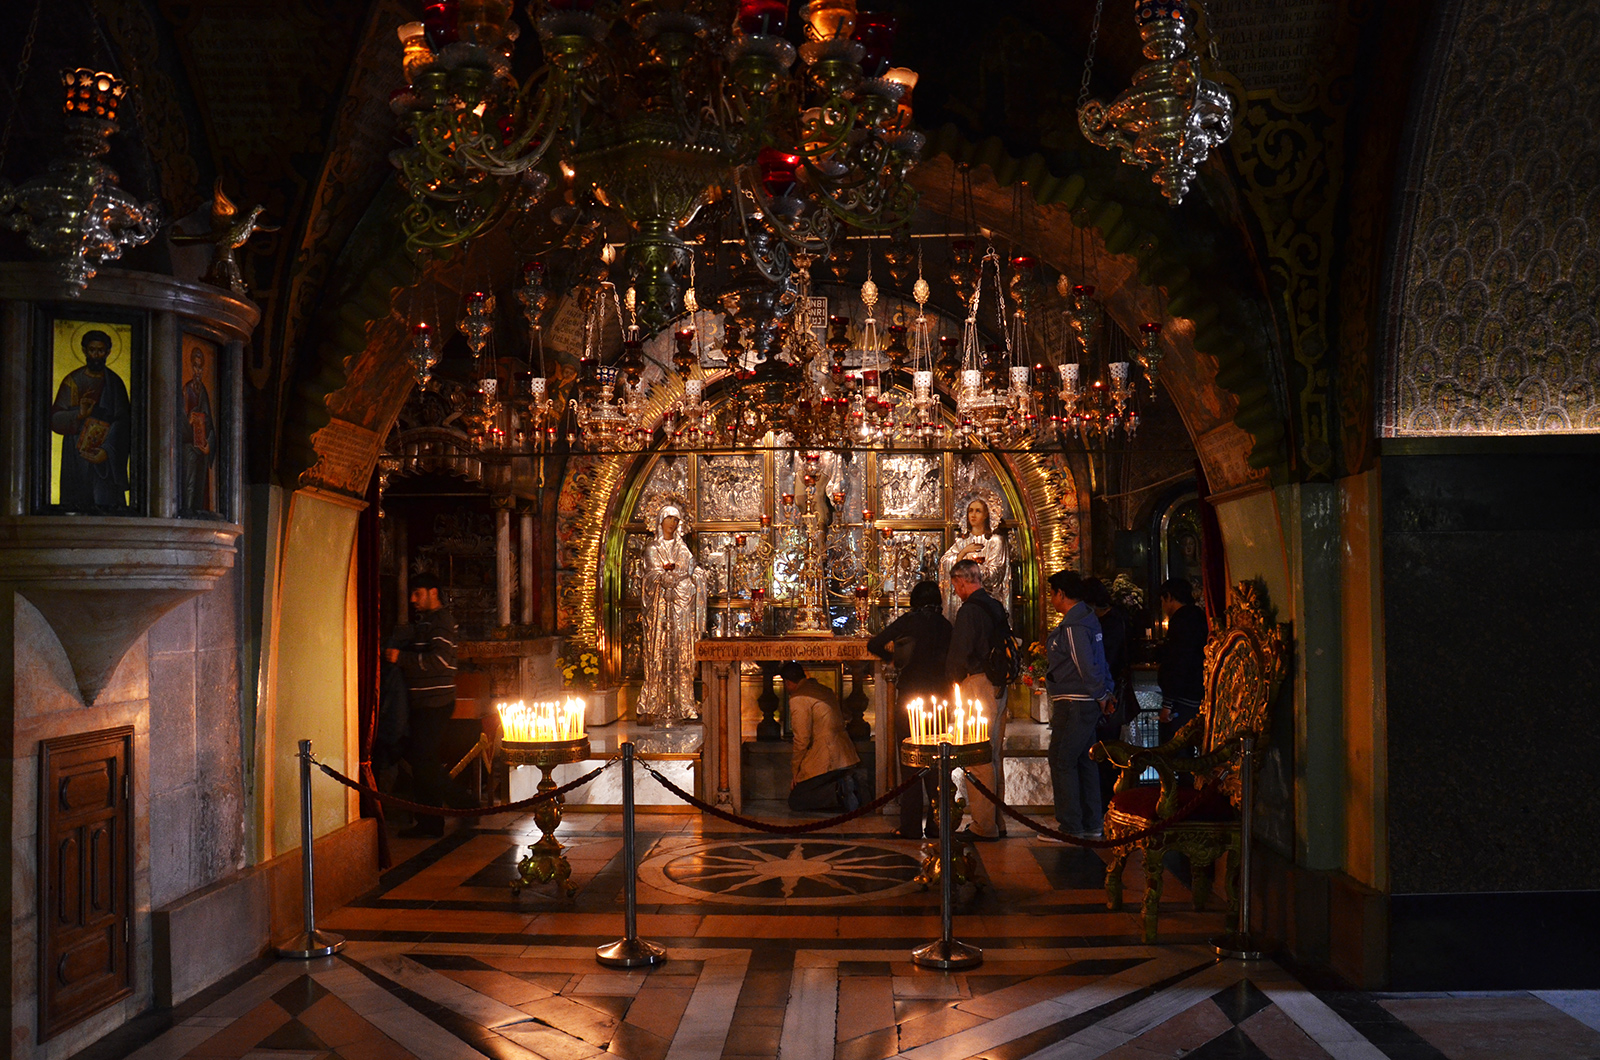 interiér chrámu Božího hrobu, Jeruzalém, Izrael